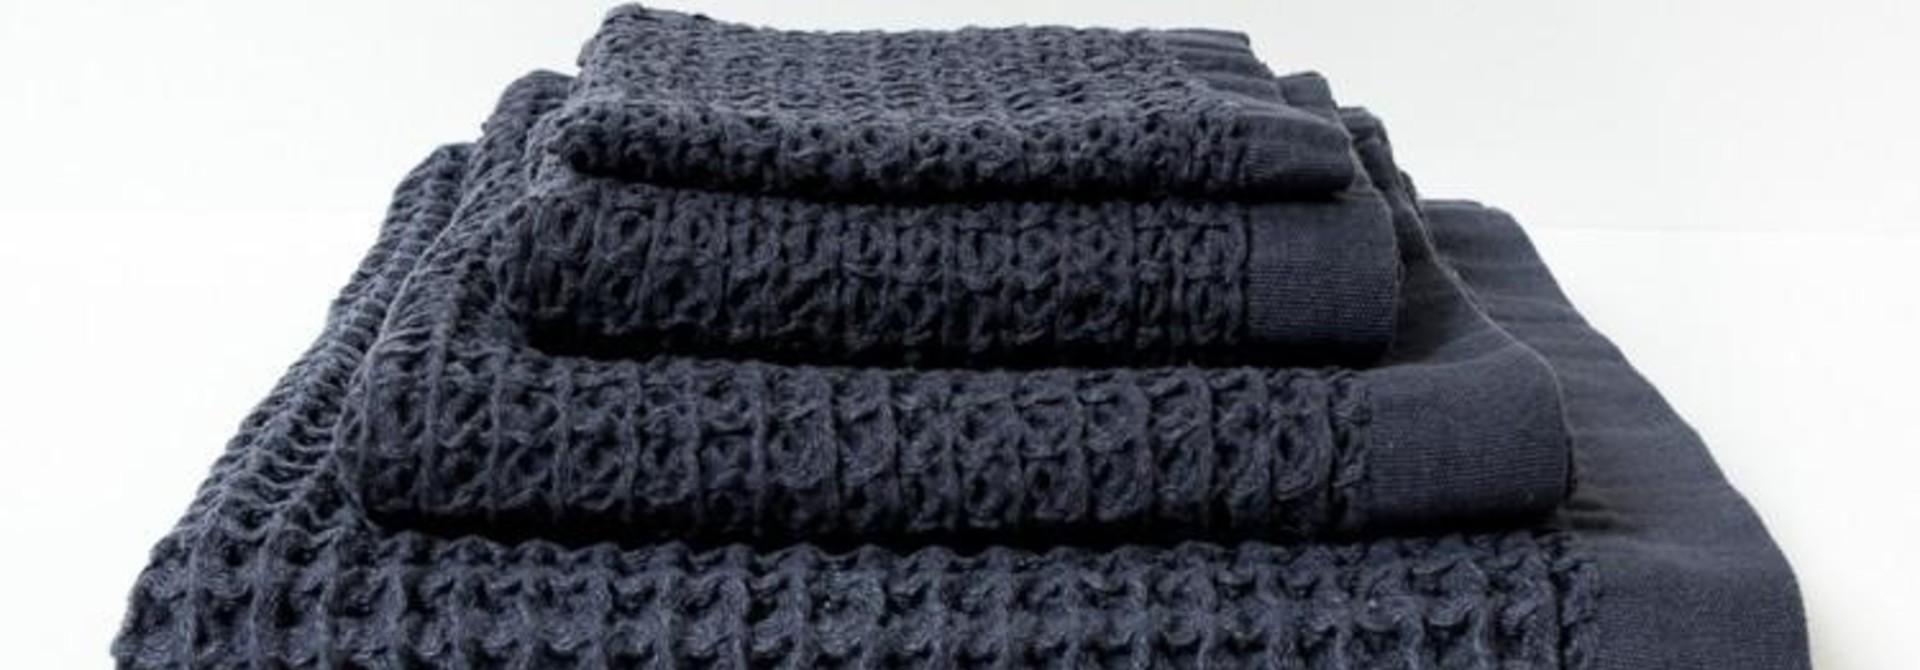 Bath Towel  - XL - Lattice - Navy